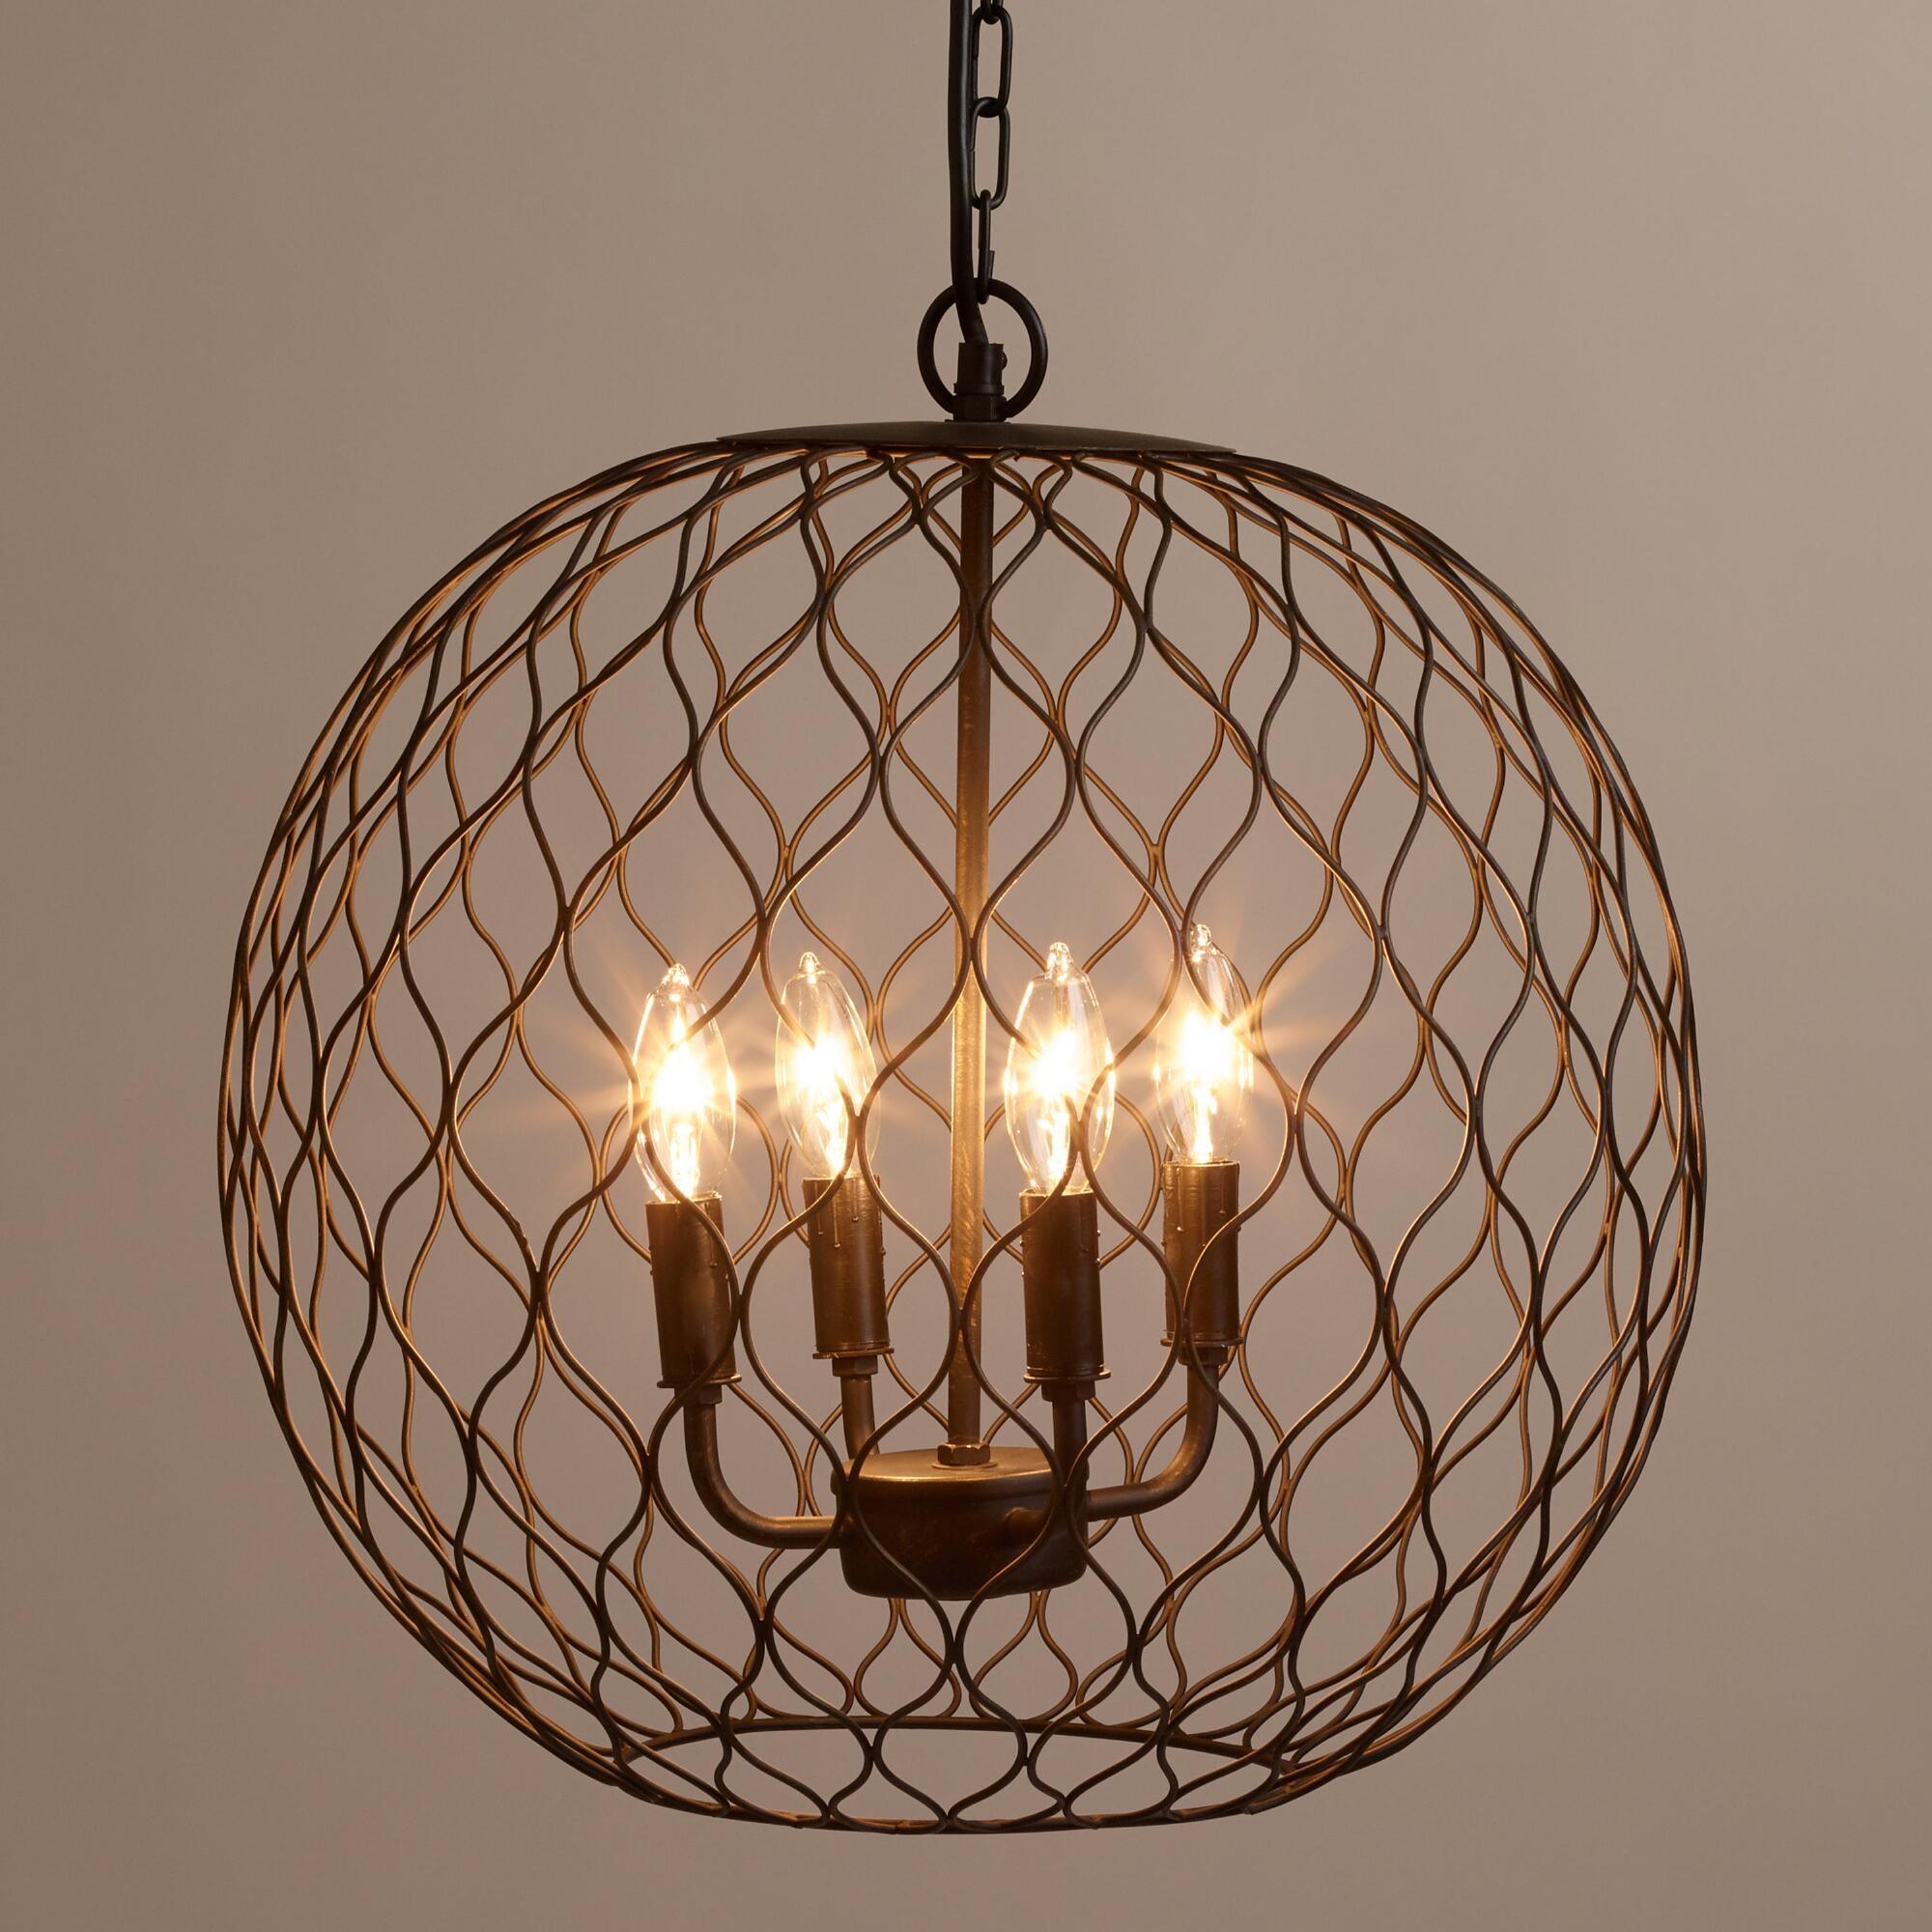 Modern Chandelier Lighting Globe 4 Lights Wood Ceiling: 12 Ideas Of Chandelier Globe